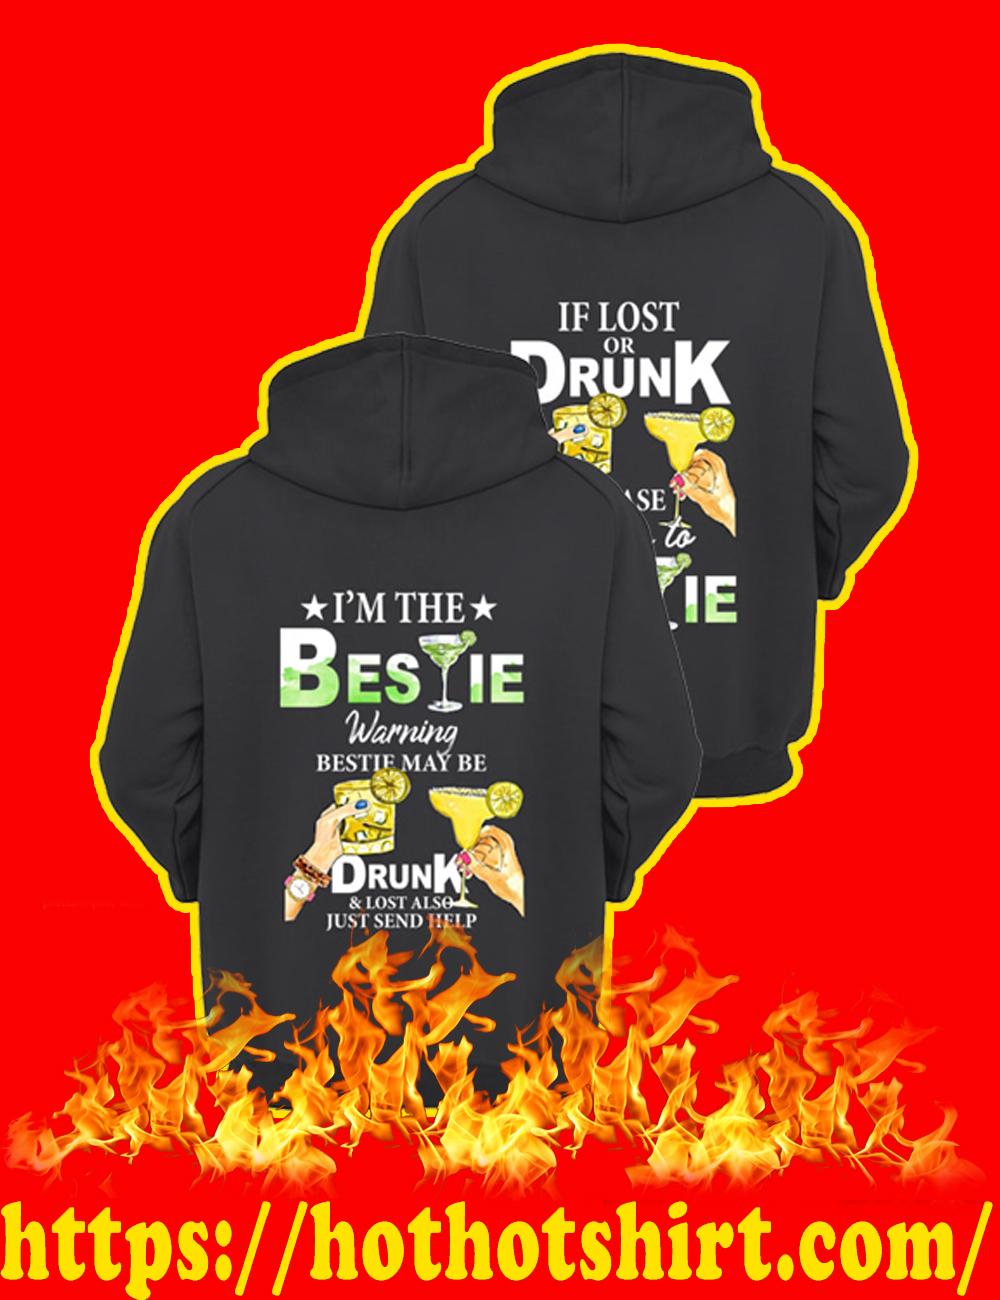 If Lost Or Drunk Please Return To Bestie - I'm The Bestie Warning Bestie May Be Drunk Hoodie-back version